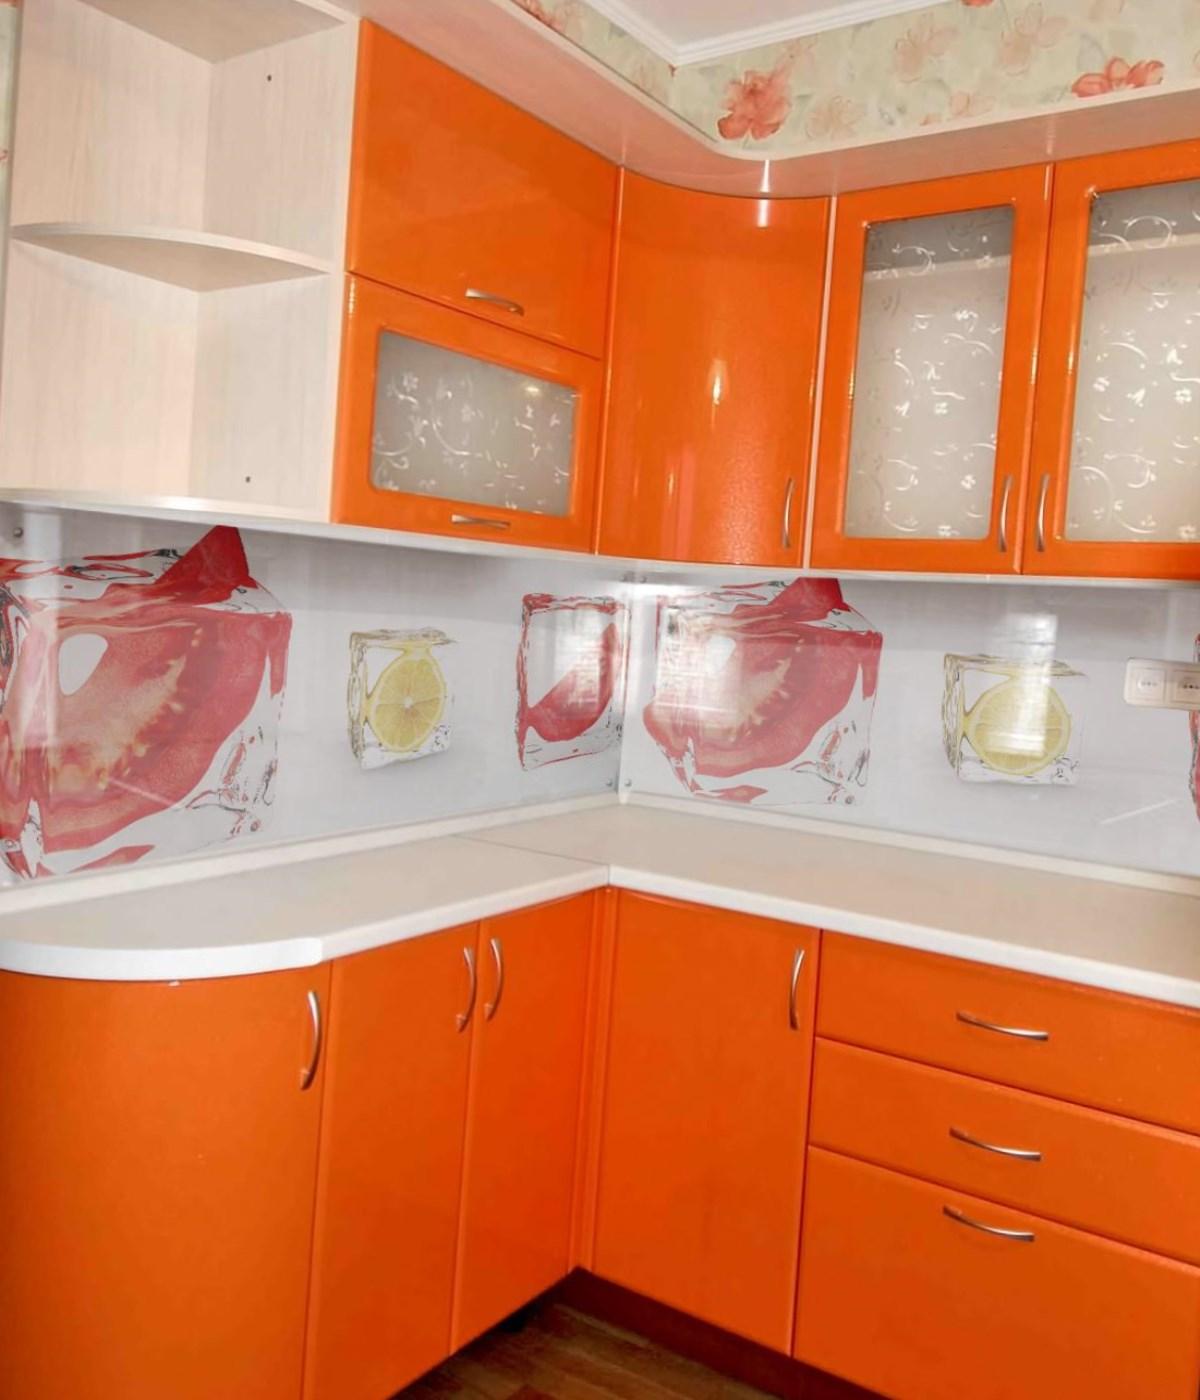 Апельсиновые тона